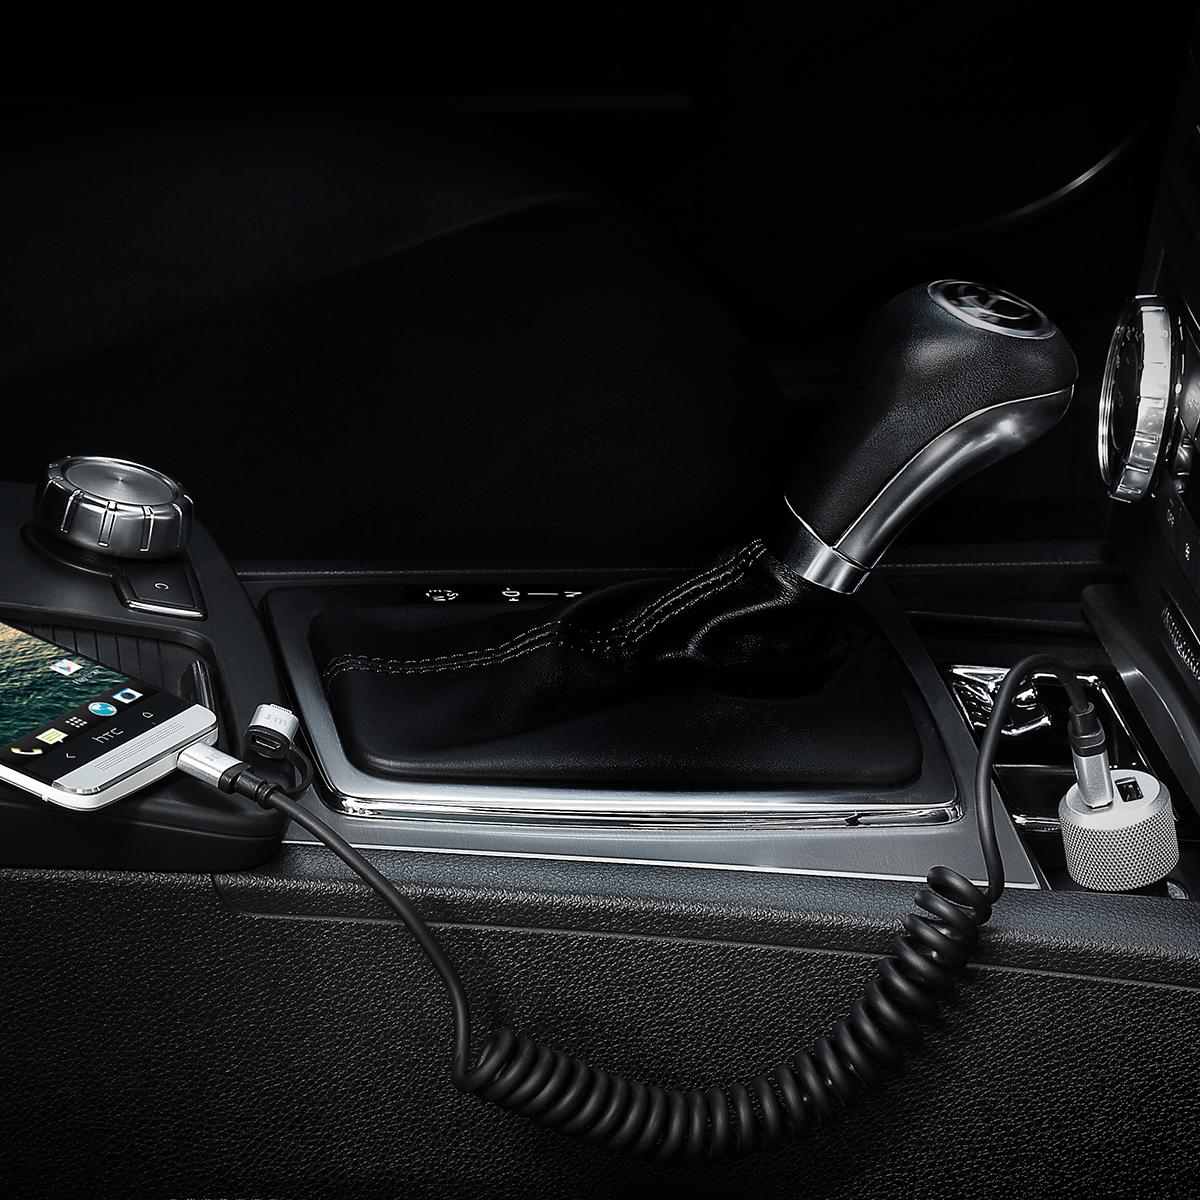 MFi認証 ライトニング&micro-USB 変換ケーブル Just Mobile AluCable Duo Twist(ジャストモバイル アルケーブルツイスト)1.8M 2in1タイプ アルミ製 コイルケーブル 充電 データ転送対応